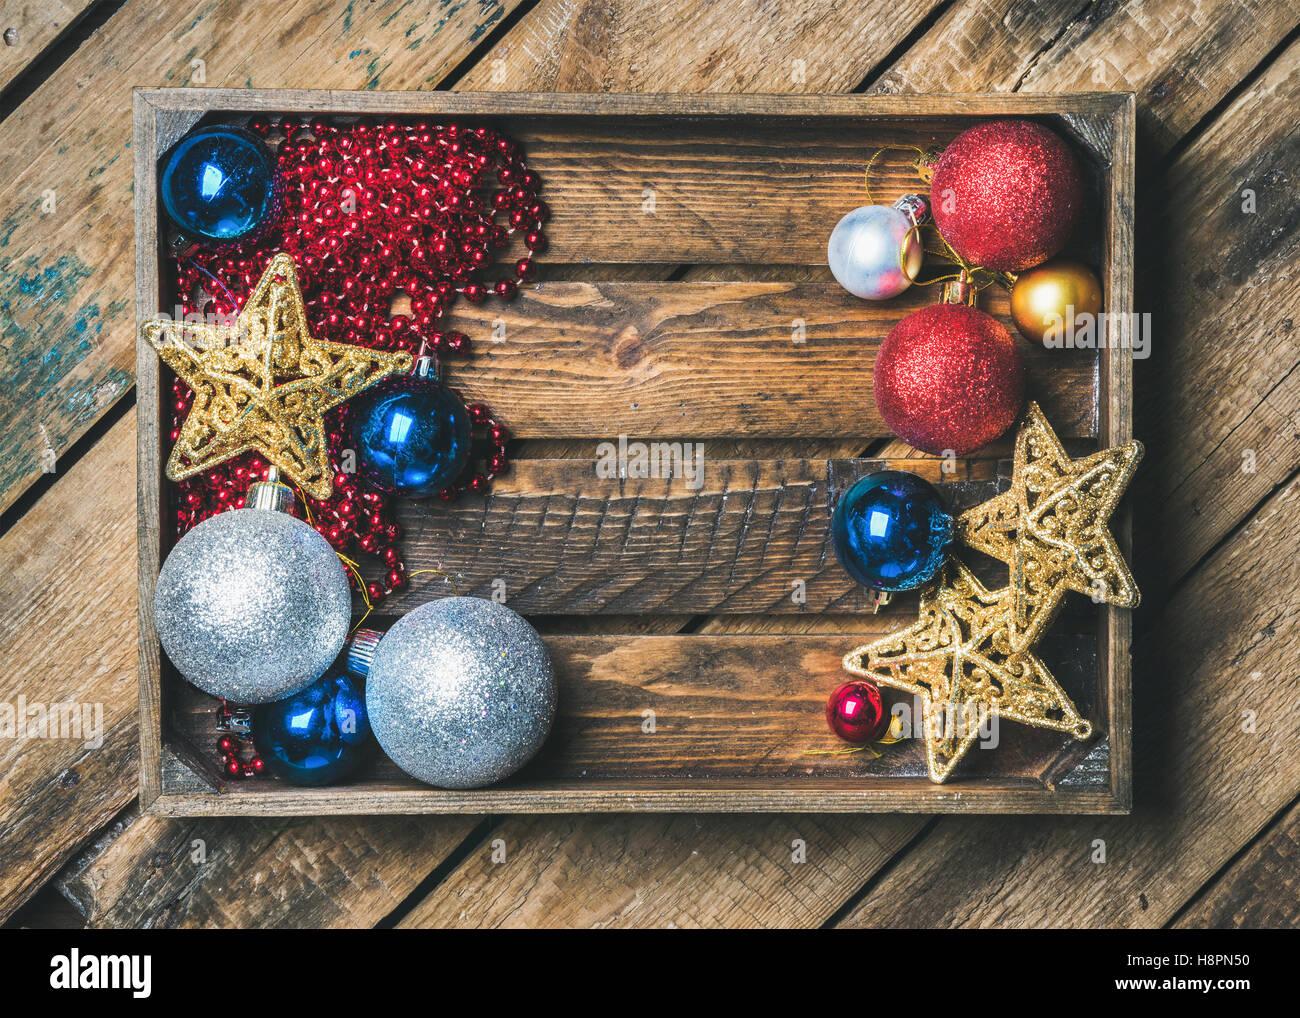 Vacaciones de Navidad o Año Nuevo fondo de decoración, espacio de copia Imagen De Stock